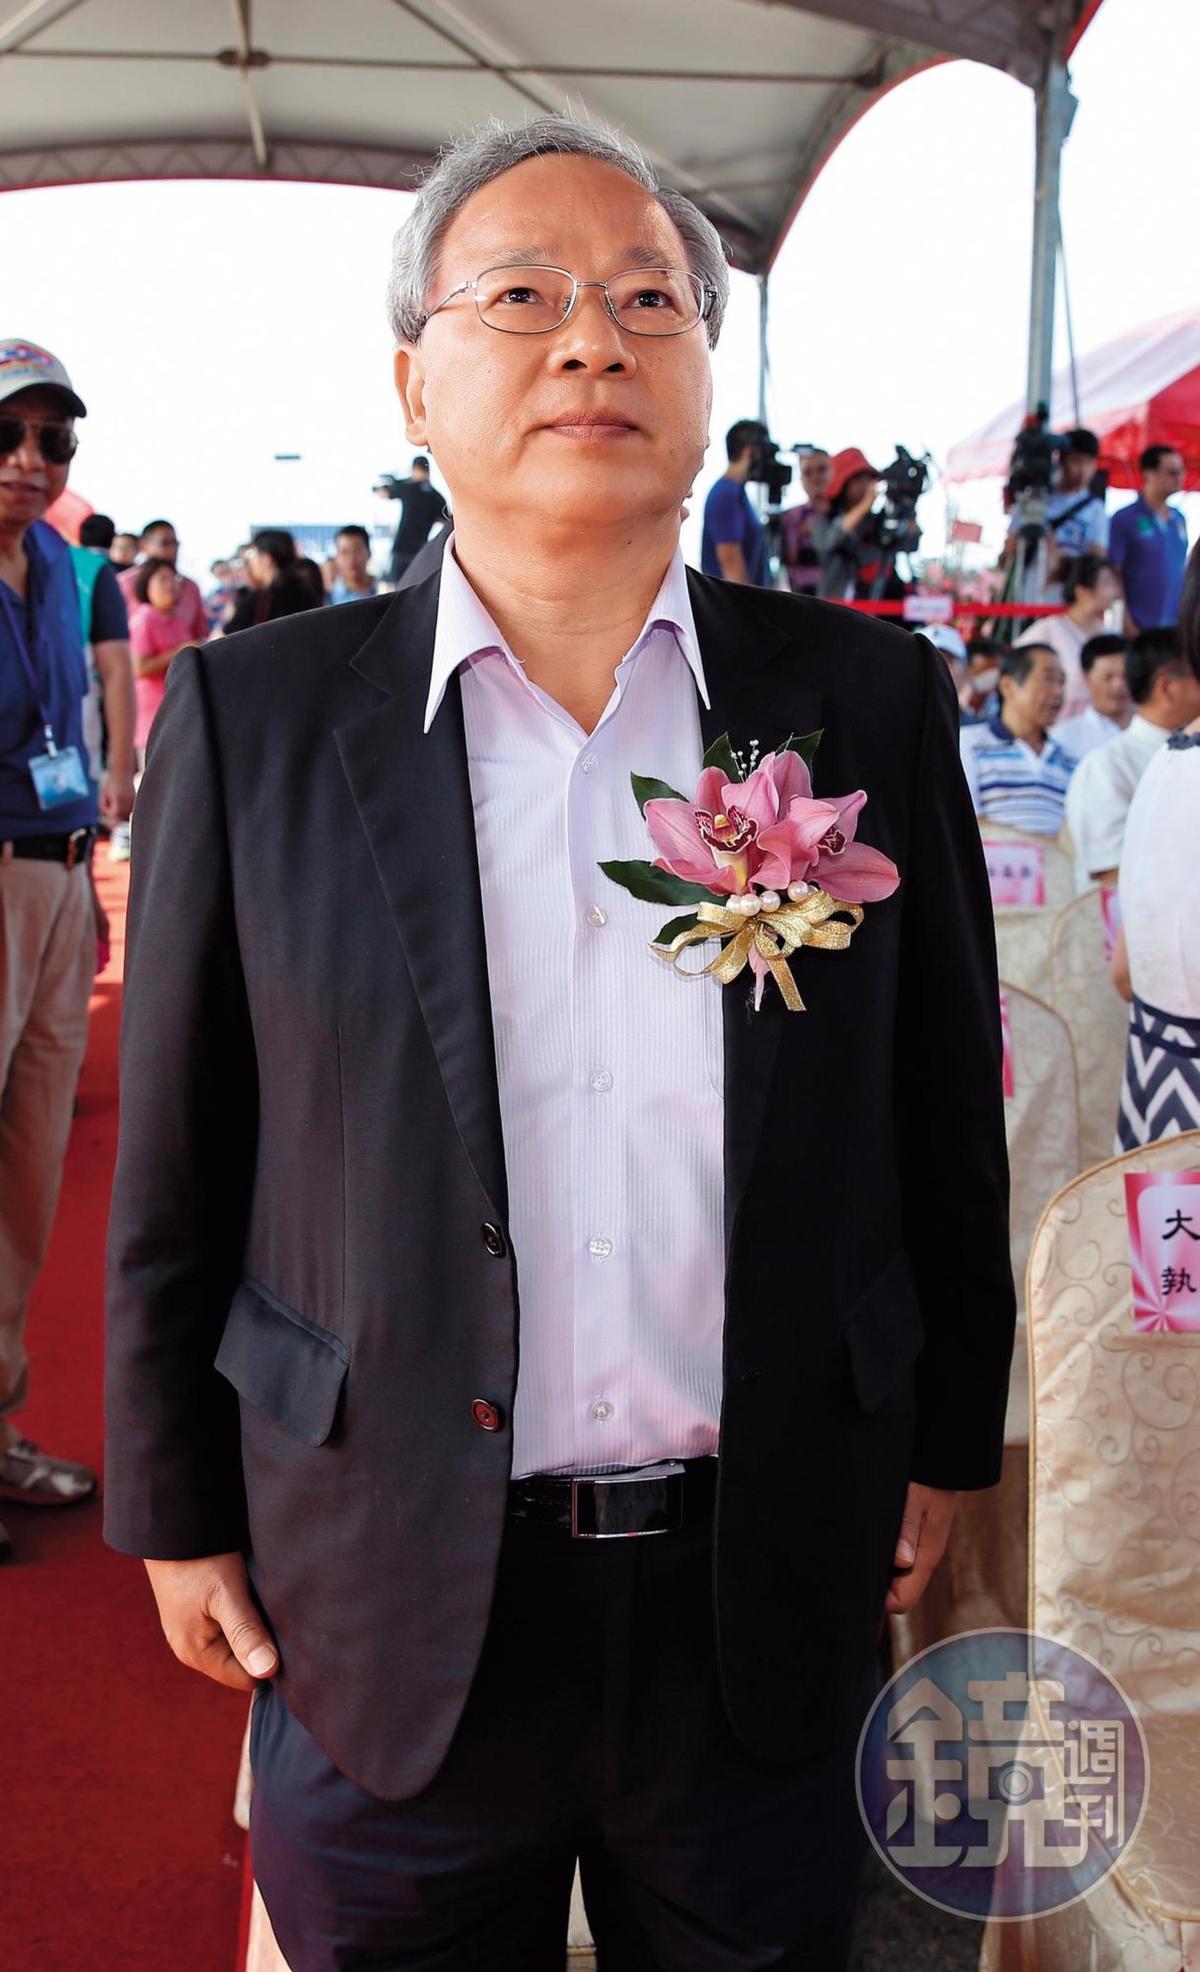 普悠瑪在范植谷(圖)擔任台鐵局長時向日本採購,後來他高升為交通部次長。